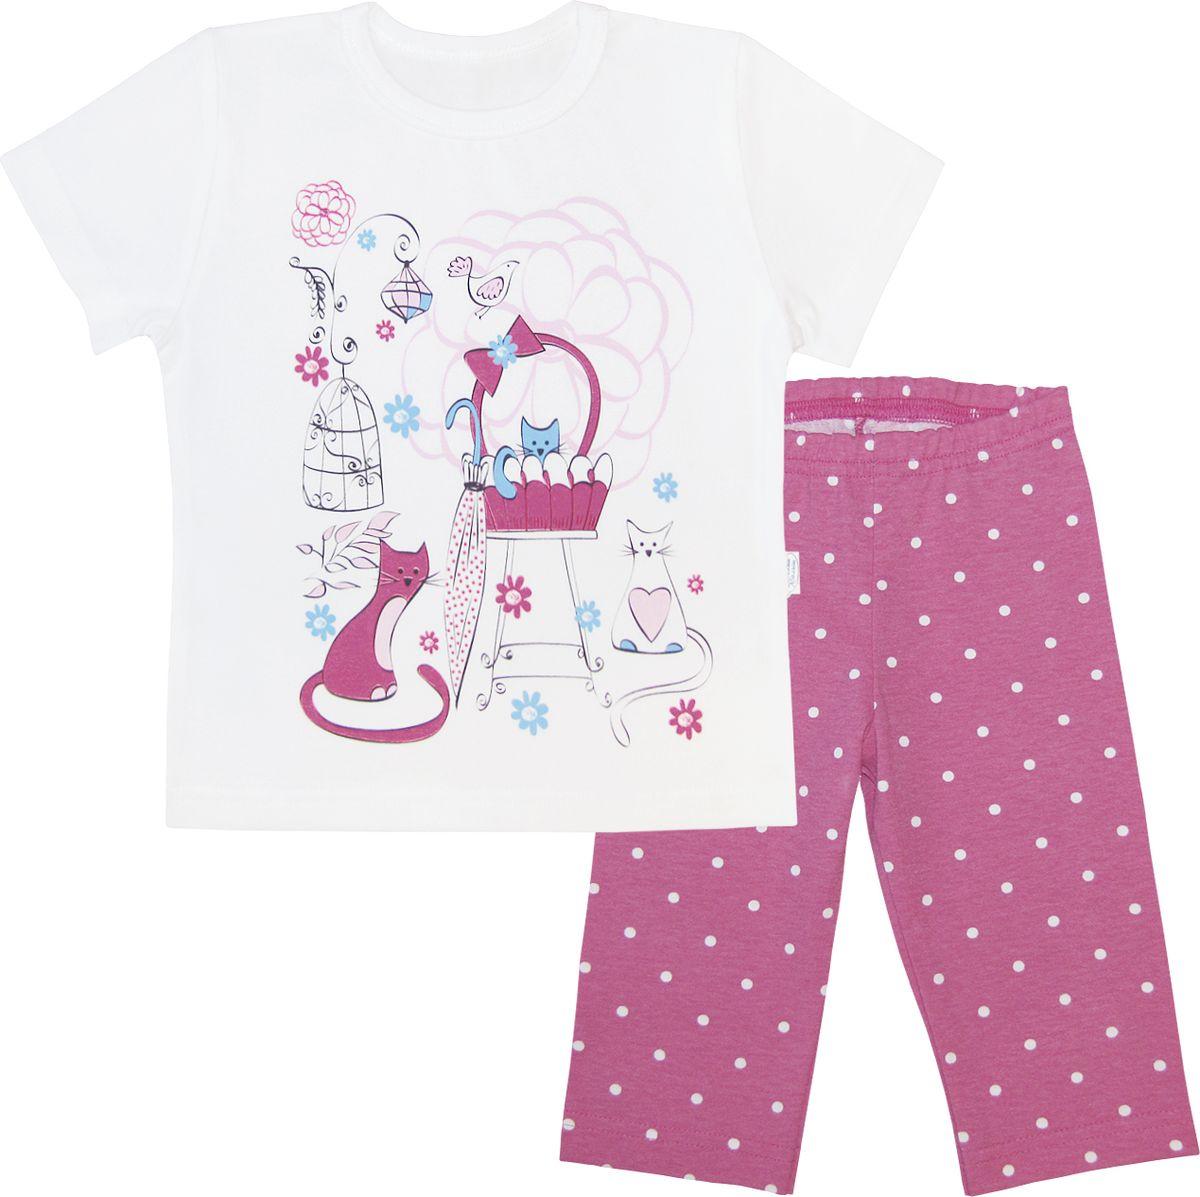 Пижама для девочки Веселый малыш, цвет: белый, малиновый. 238170-N (1)_дамский клуб. Размер 134 пижама для девочки веселый малыш цвет розовый 9215 m 1 размер 128